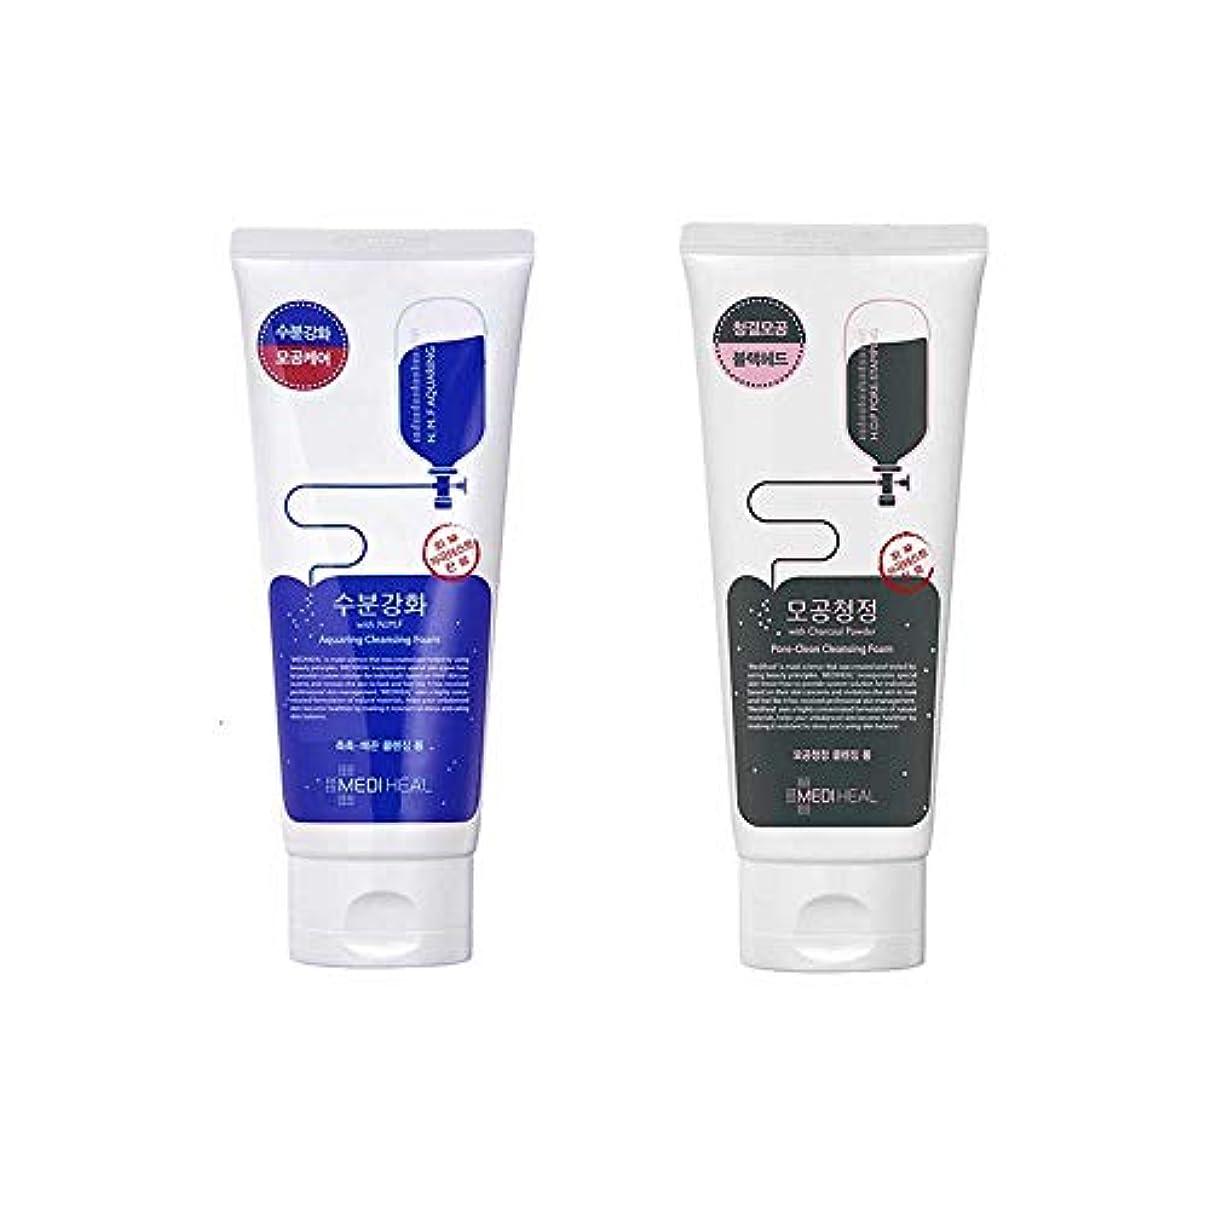 要旨事実強化する1+1MEDIHEALクレンジングフォーム/(アクアリング+毛穴清浄炭)Cleansing Foam NMF+PORE CLEAN